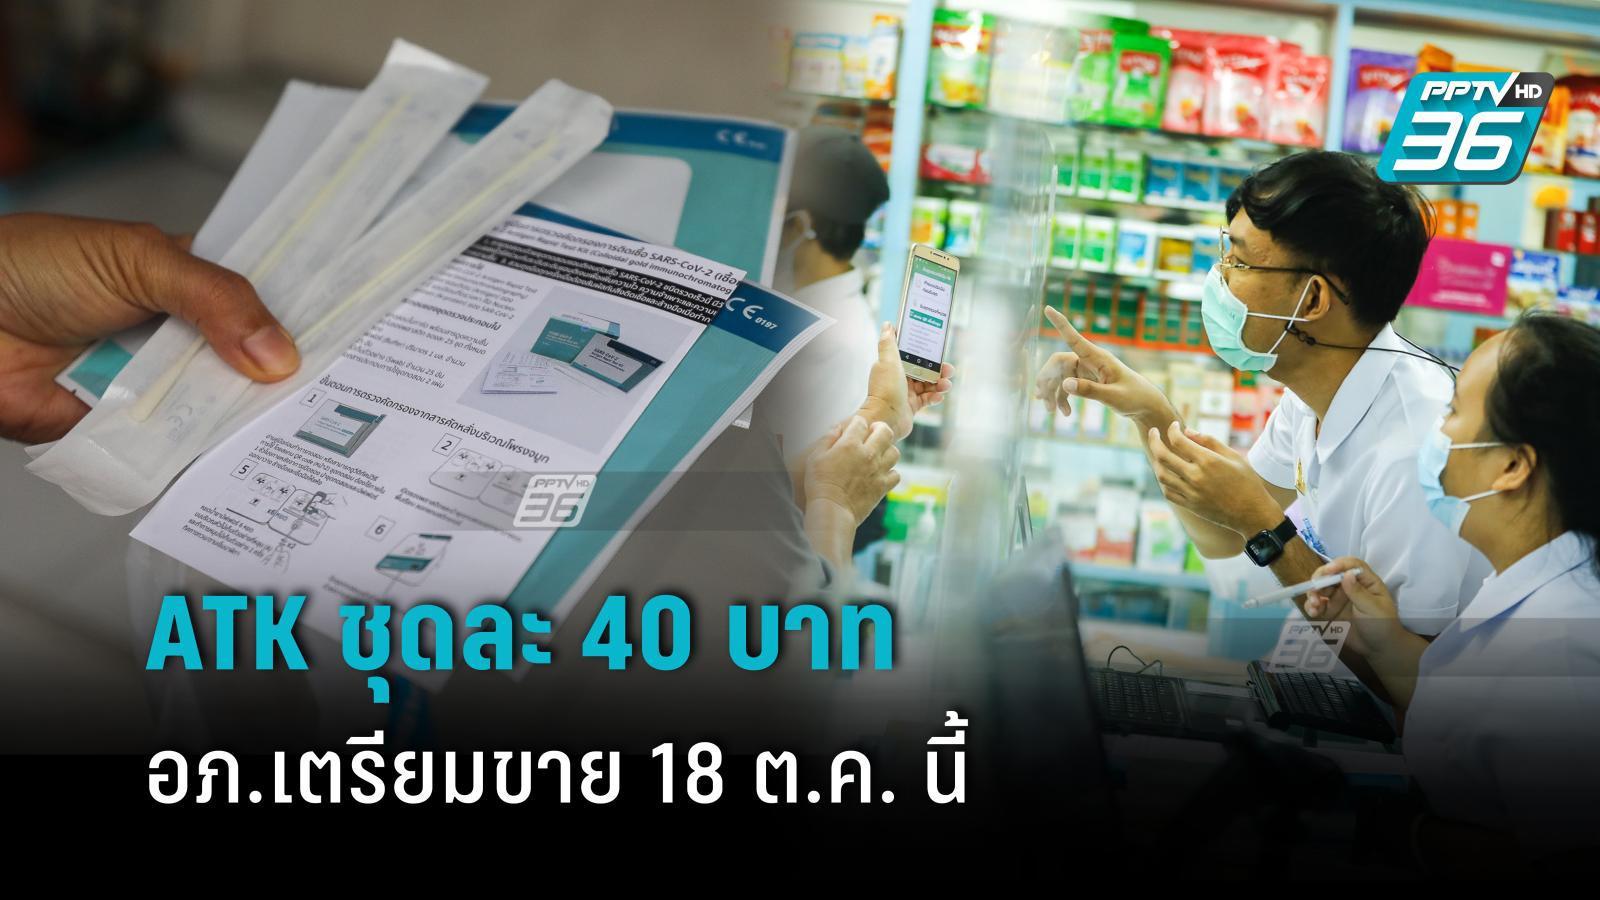 องค์การเภสัชฯเปิดขายชุดตรวจโควิด ATK ชุดละ 40 บาท ผ่านร้านขายยา GPO เริ่ม 18 ต.ค.นี้